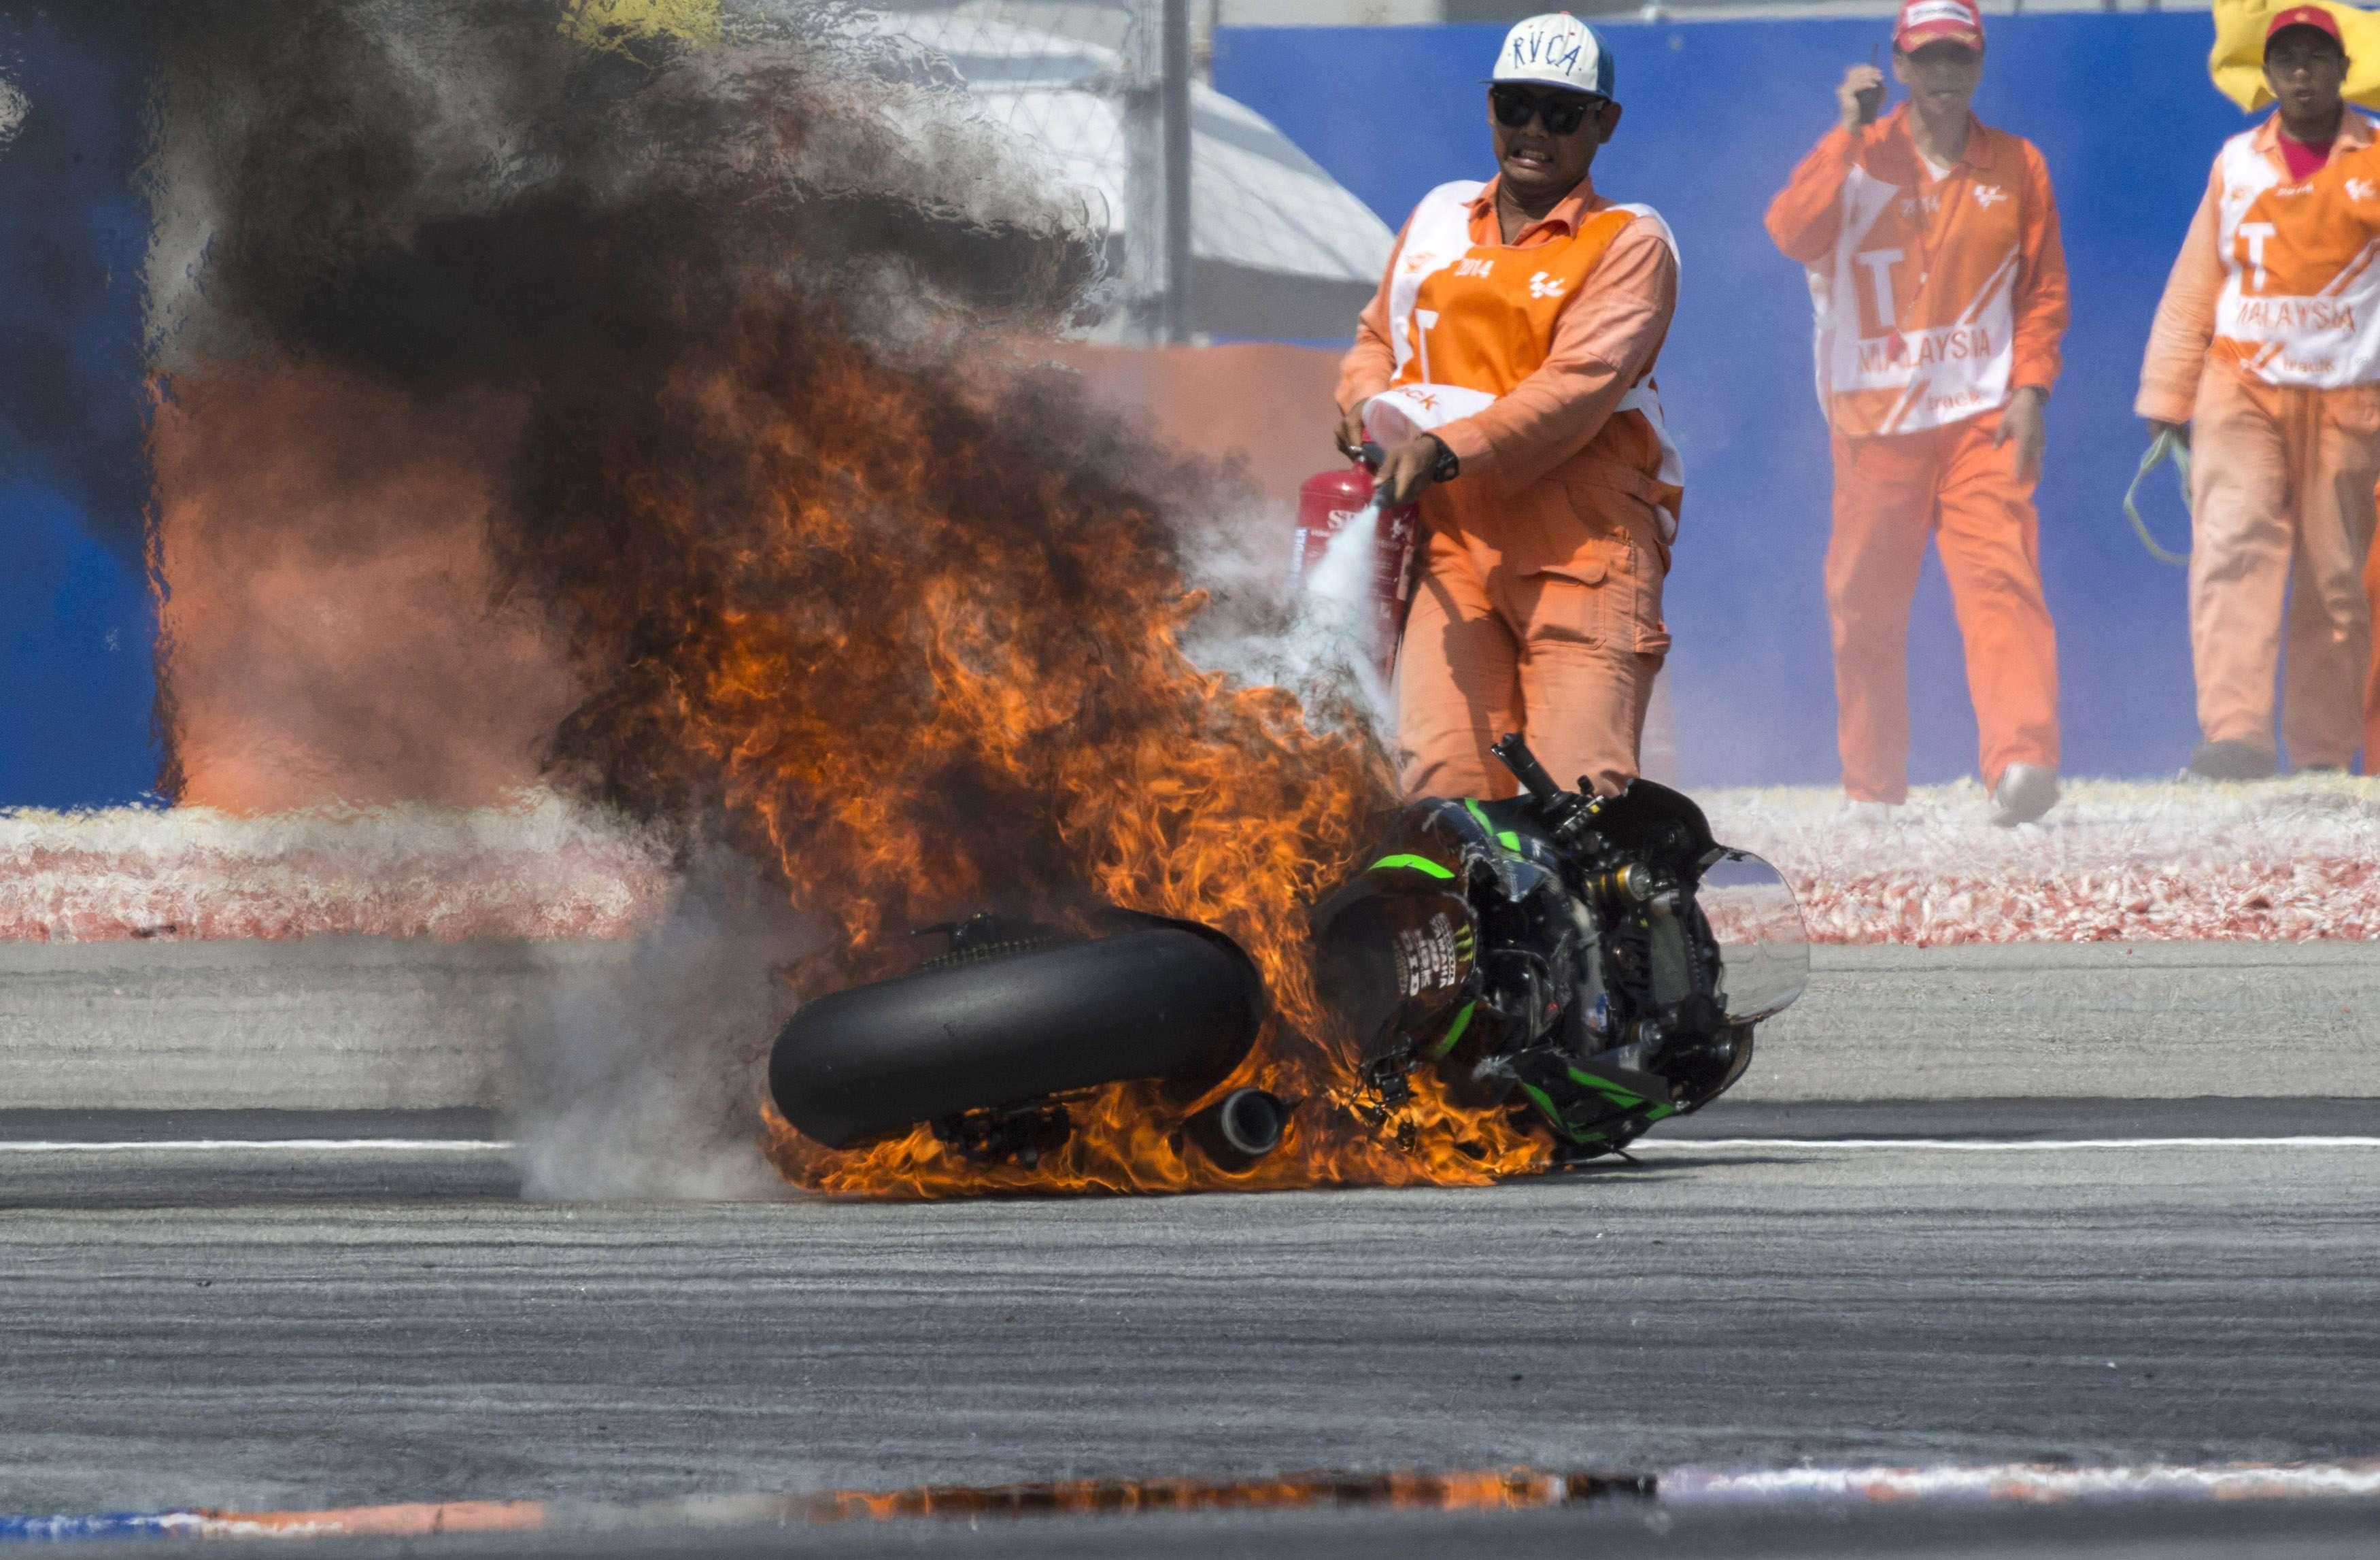 Algum objeto atingiu o sistema de refrigeração da moto Foto: Mirco Lazzari /Getty Images